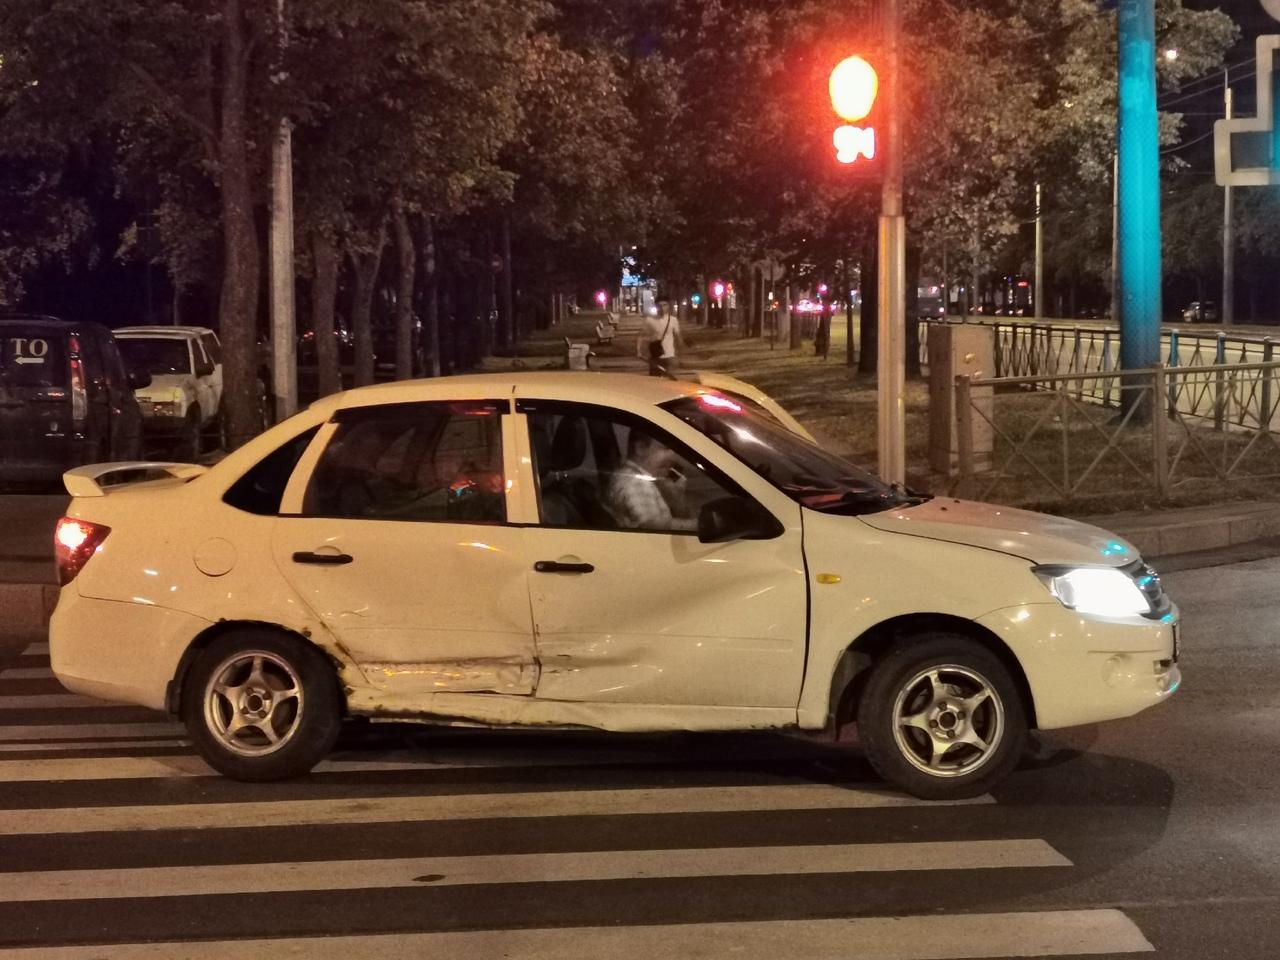 ДТП у метро проспект Ветеранов между Фольксвагеном и Ладой в 23:40